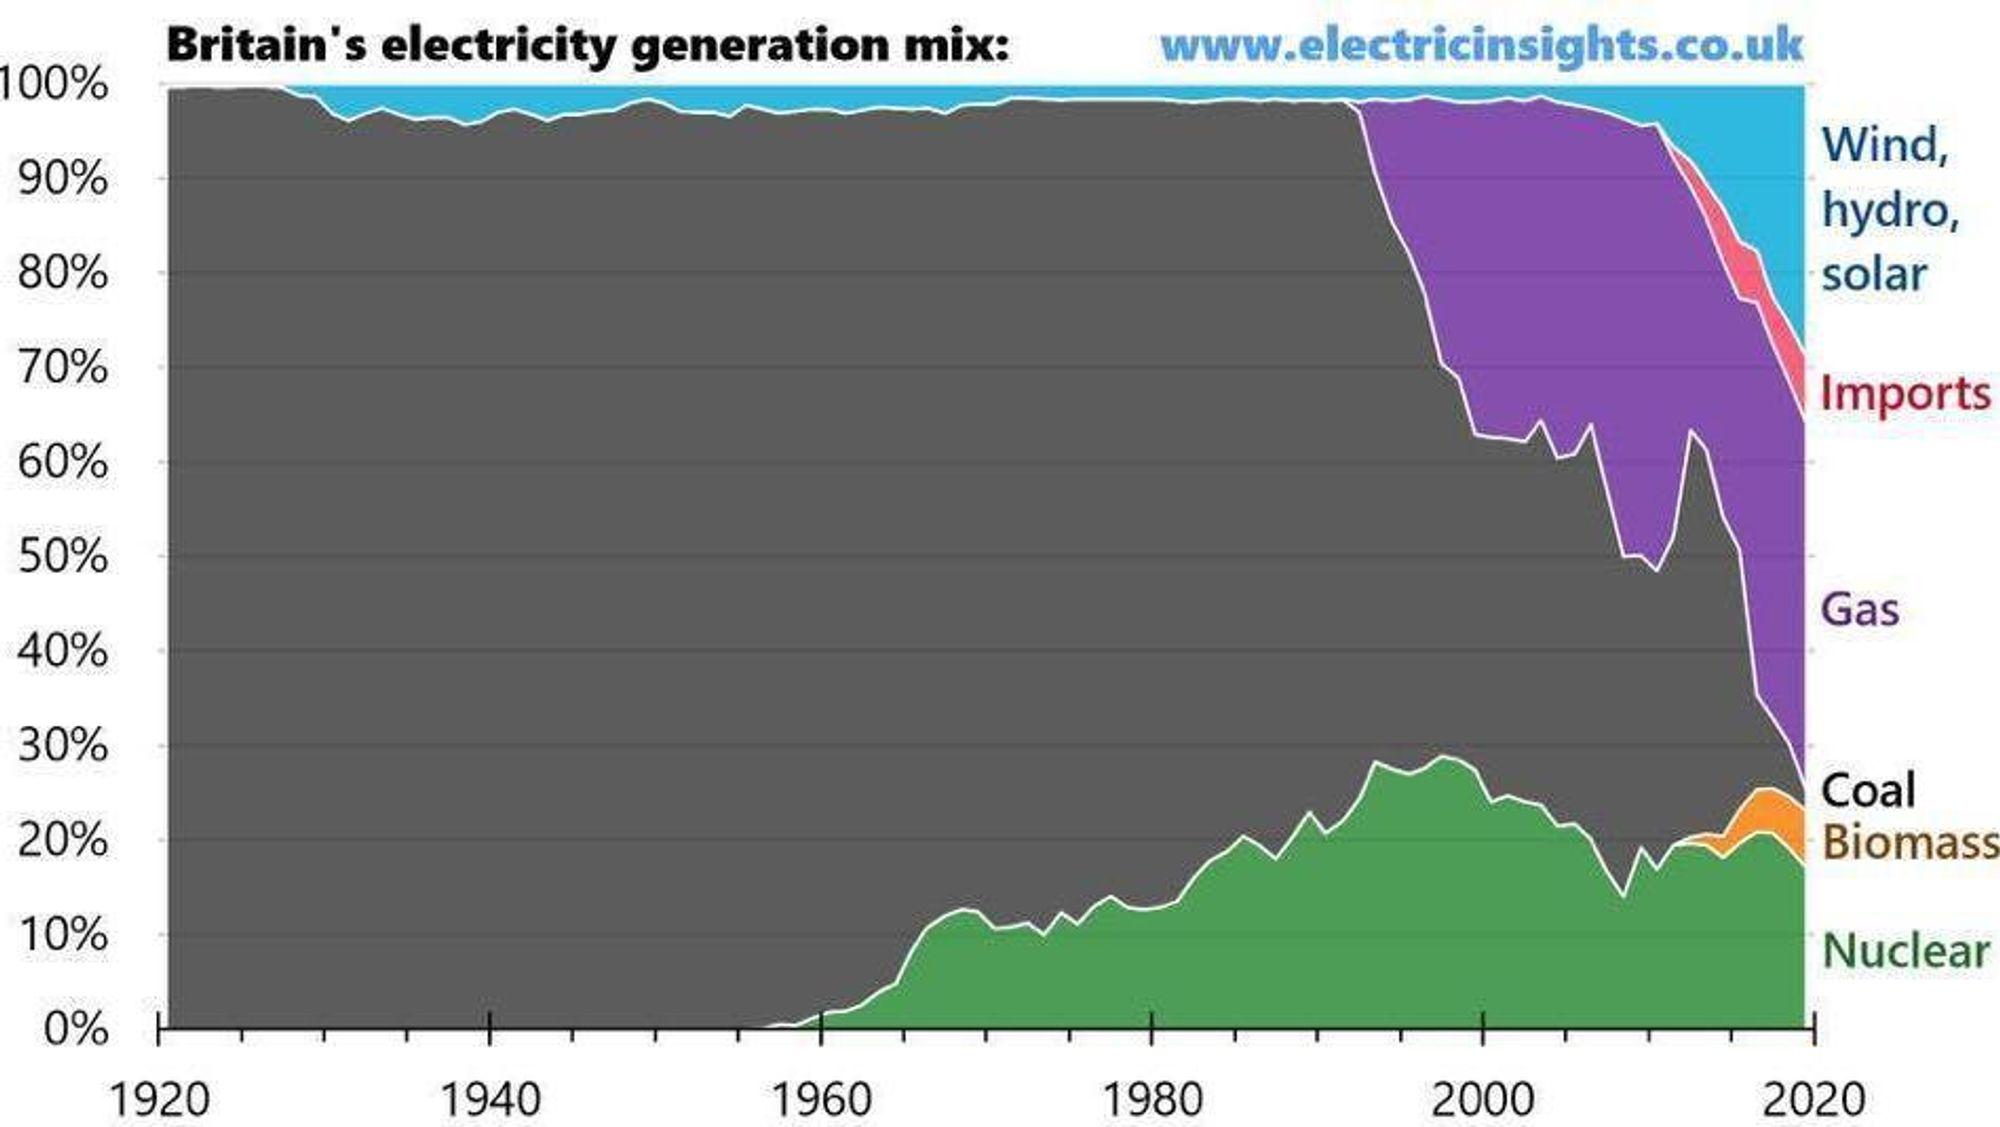 Endringene i Storbritannias kraftsystem de siste årene har vært formidabel. Se hvordan kullbruken har falt. (Kilde: Electricinsights.co.uk)